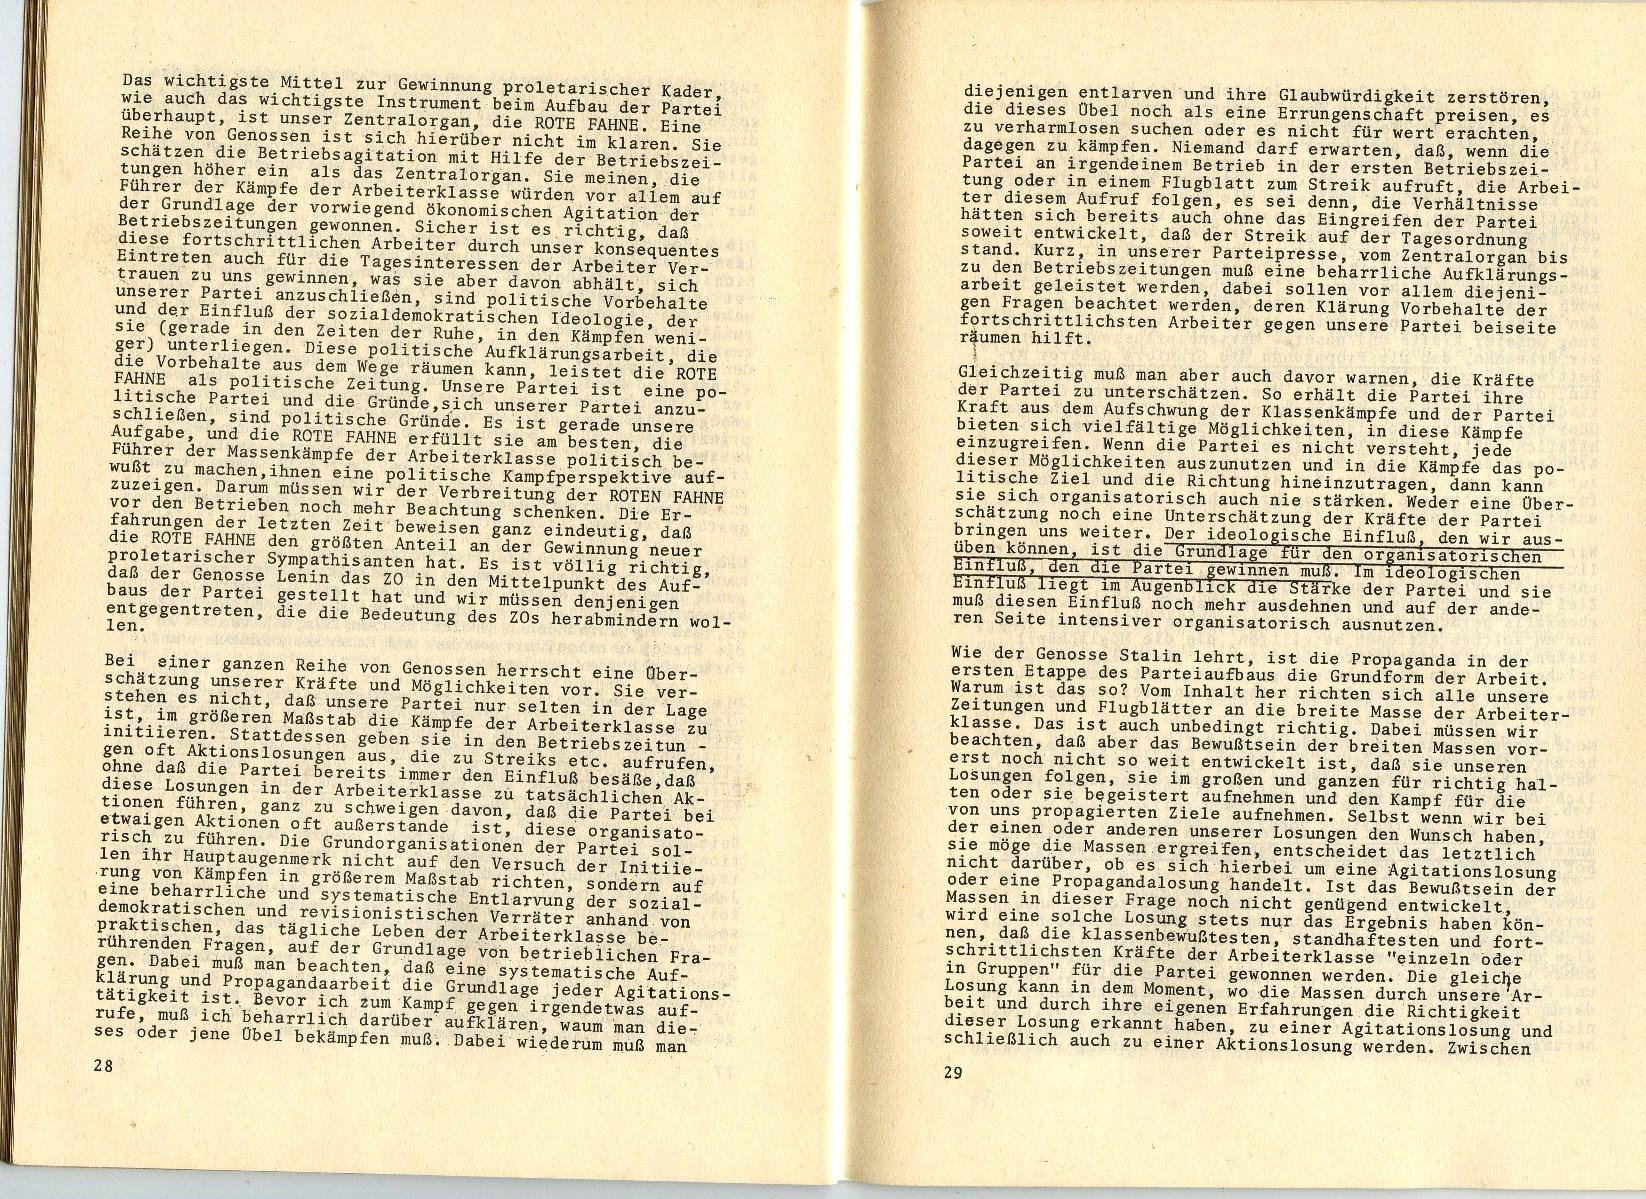 ZB_Etappen_Parteiaufbau_1971_21